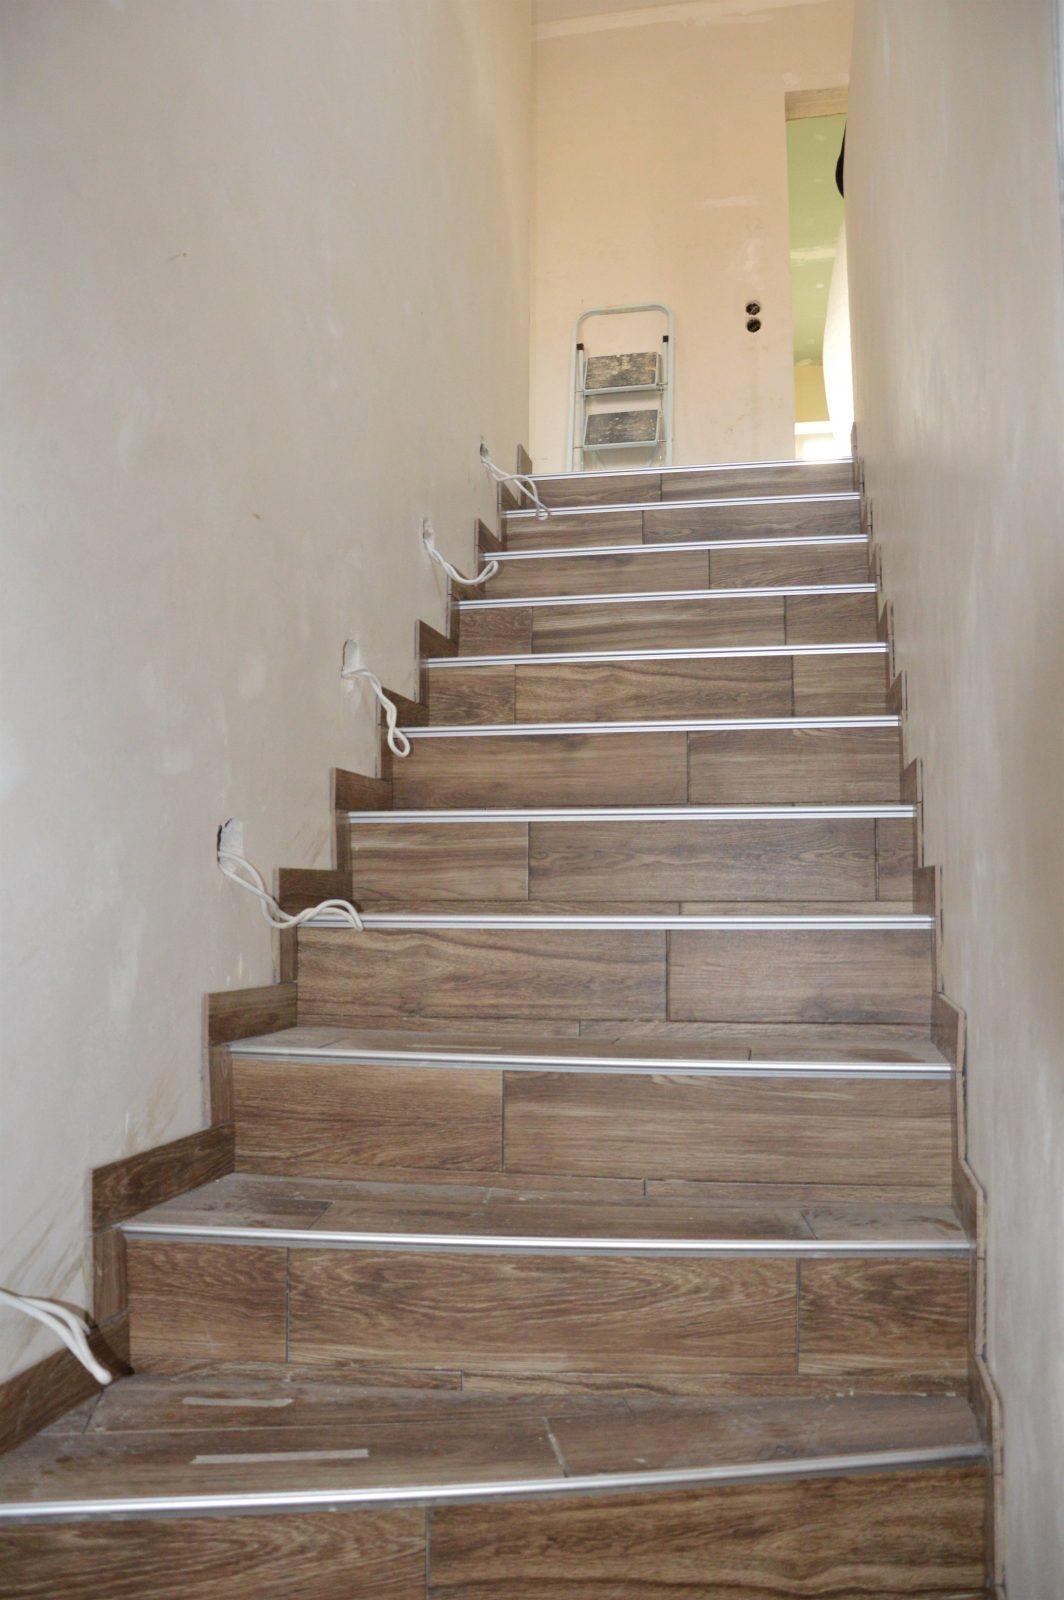 Farbgestaltung Flur Mit Treppe von Farbgestaltung Flur Mit Treppe Bild